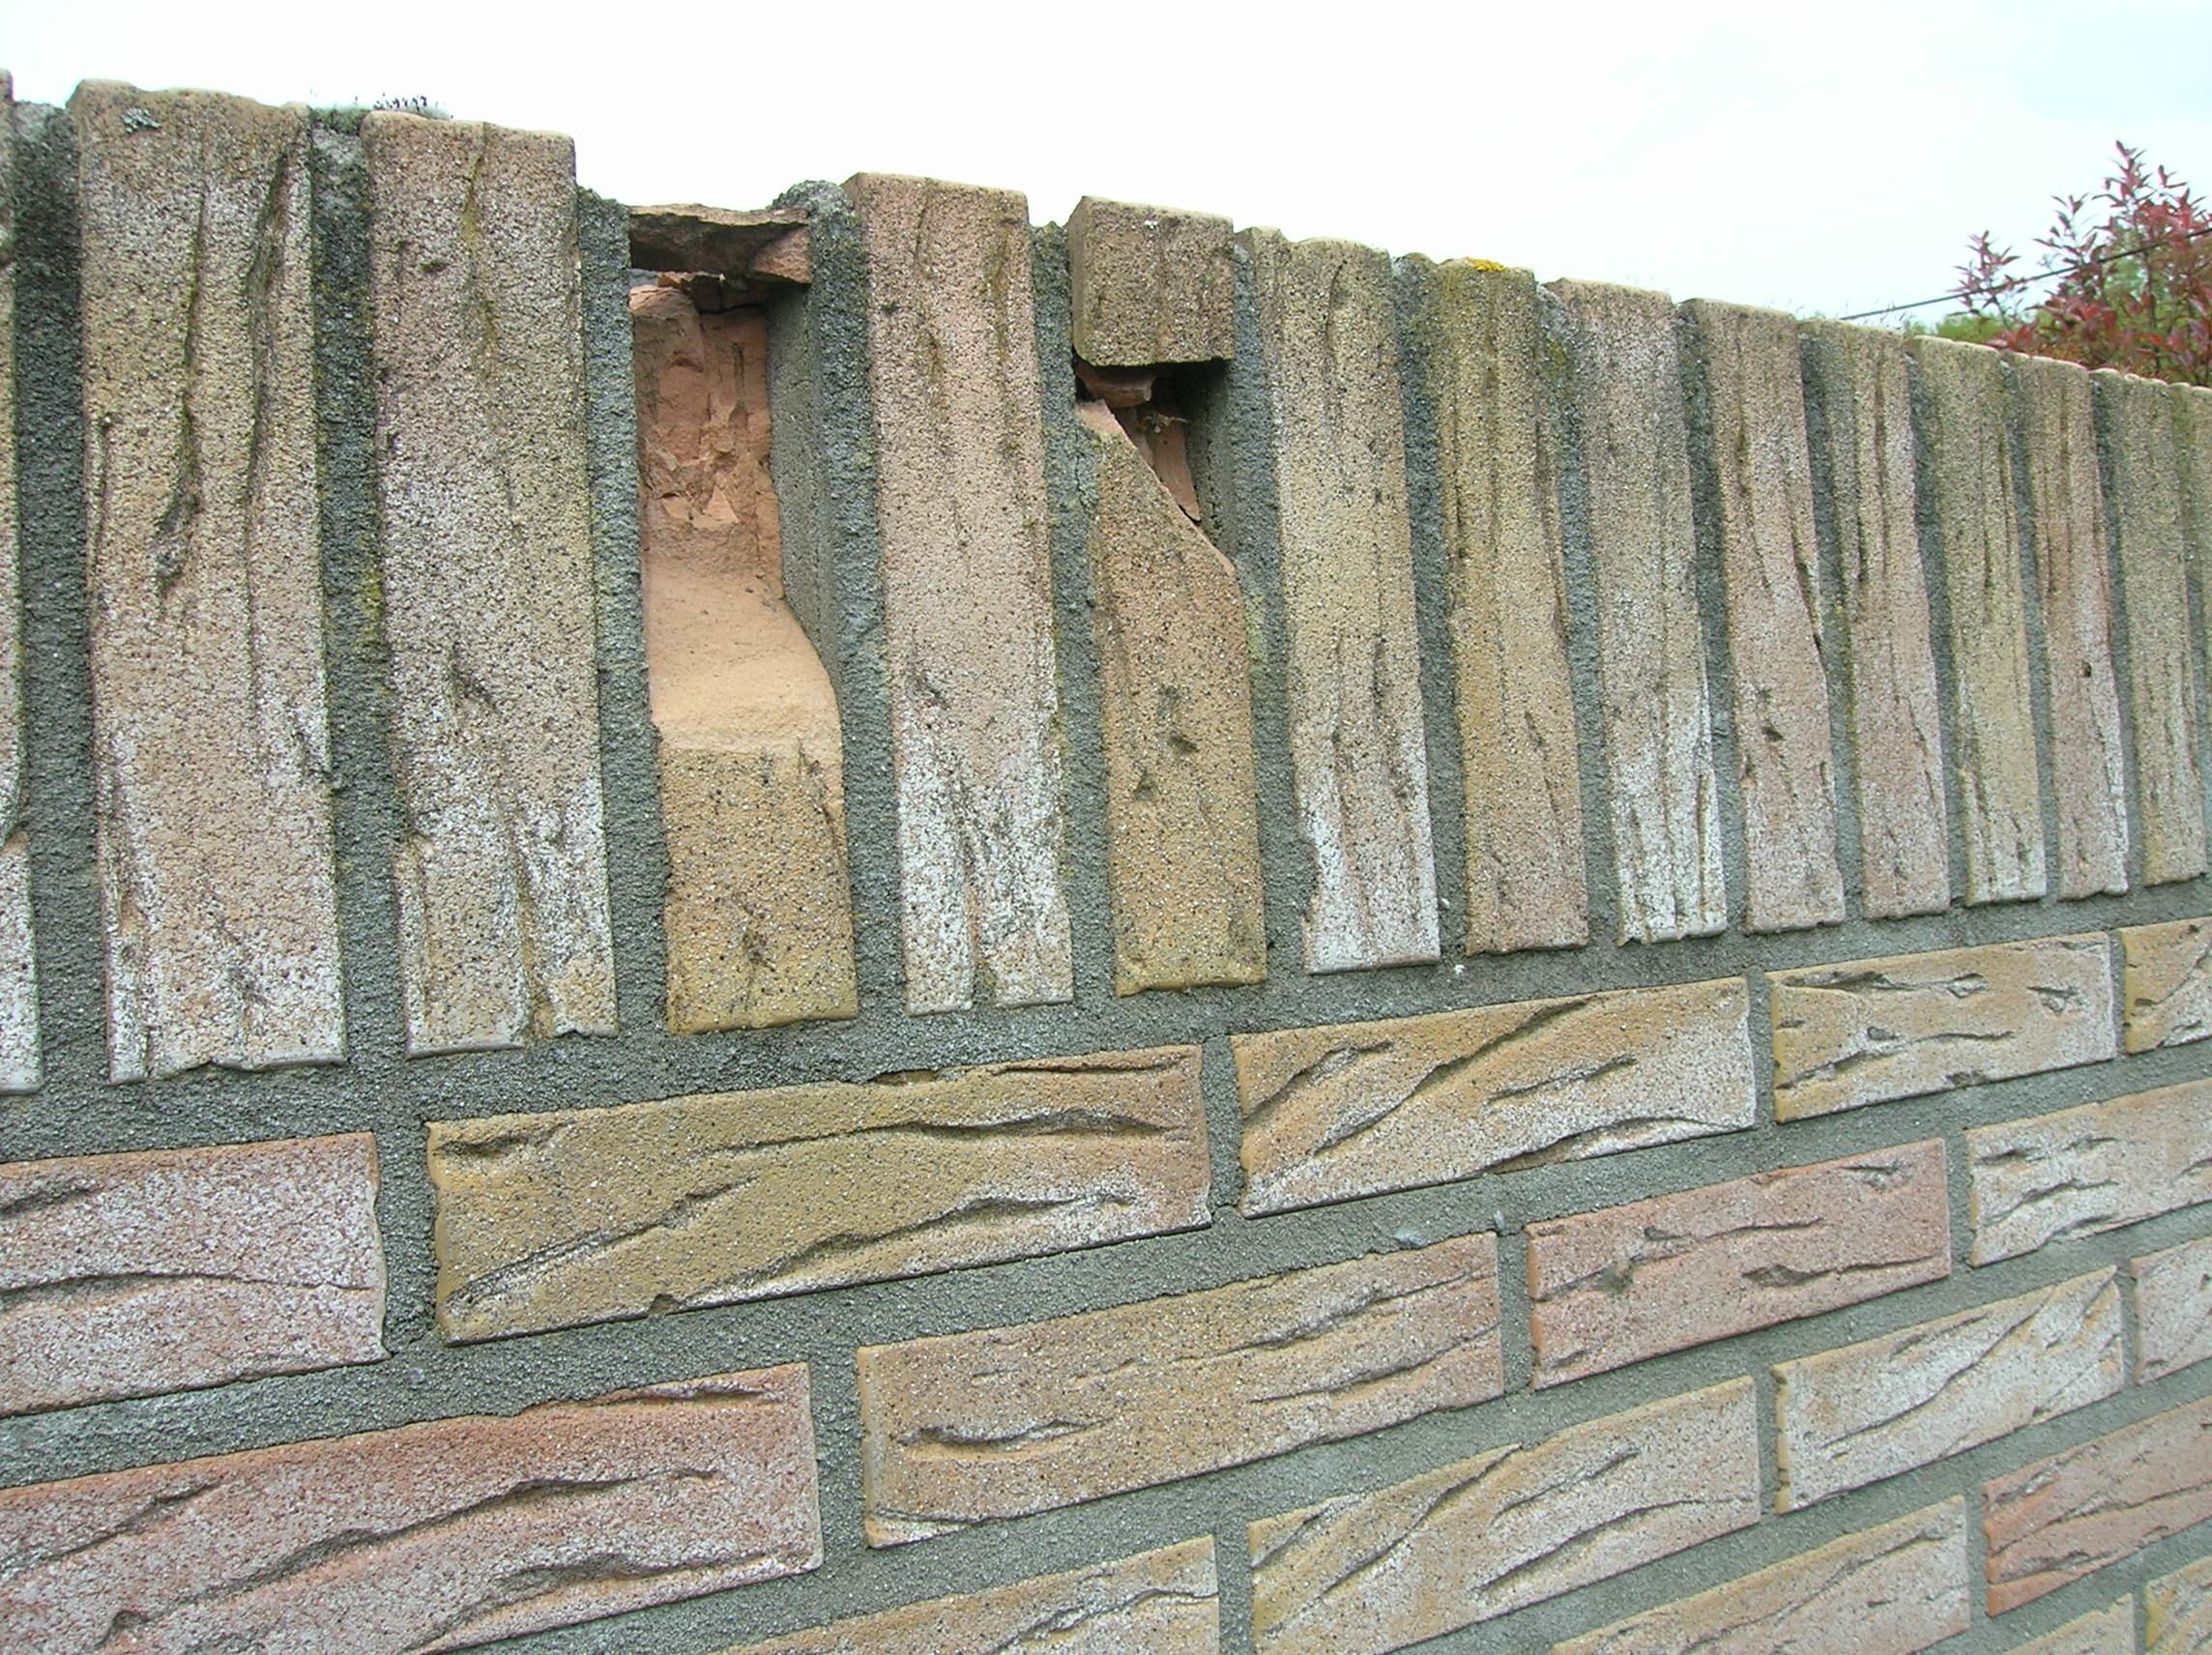 Stenen Muur Voortuin : Hoe kan ik een stenen tuinmuur herstellen voordemakers